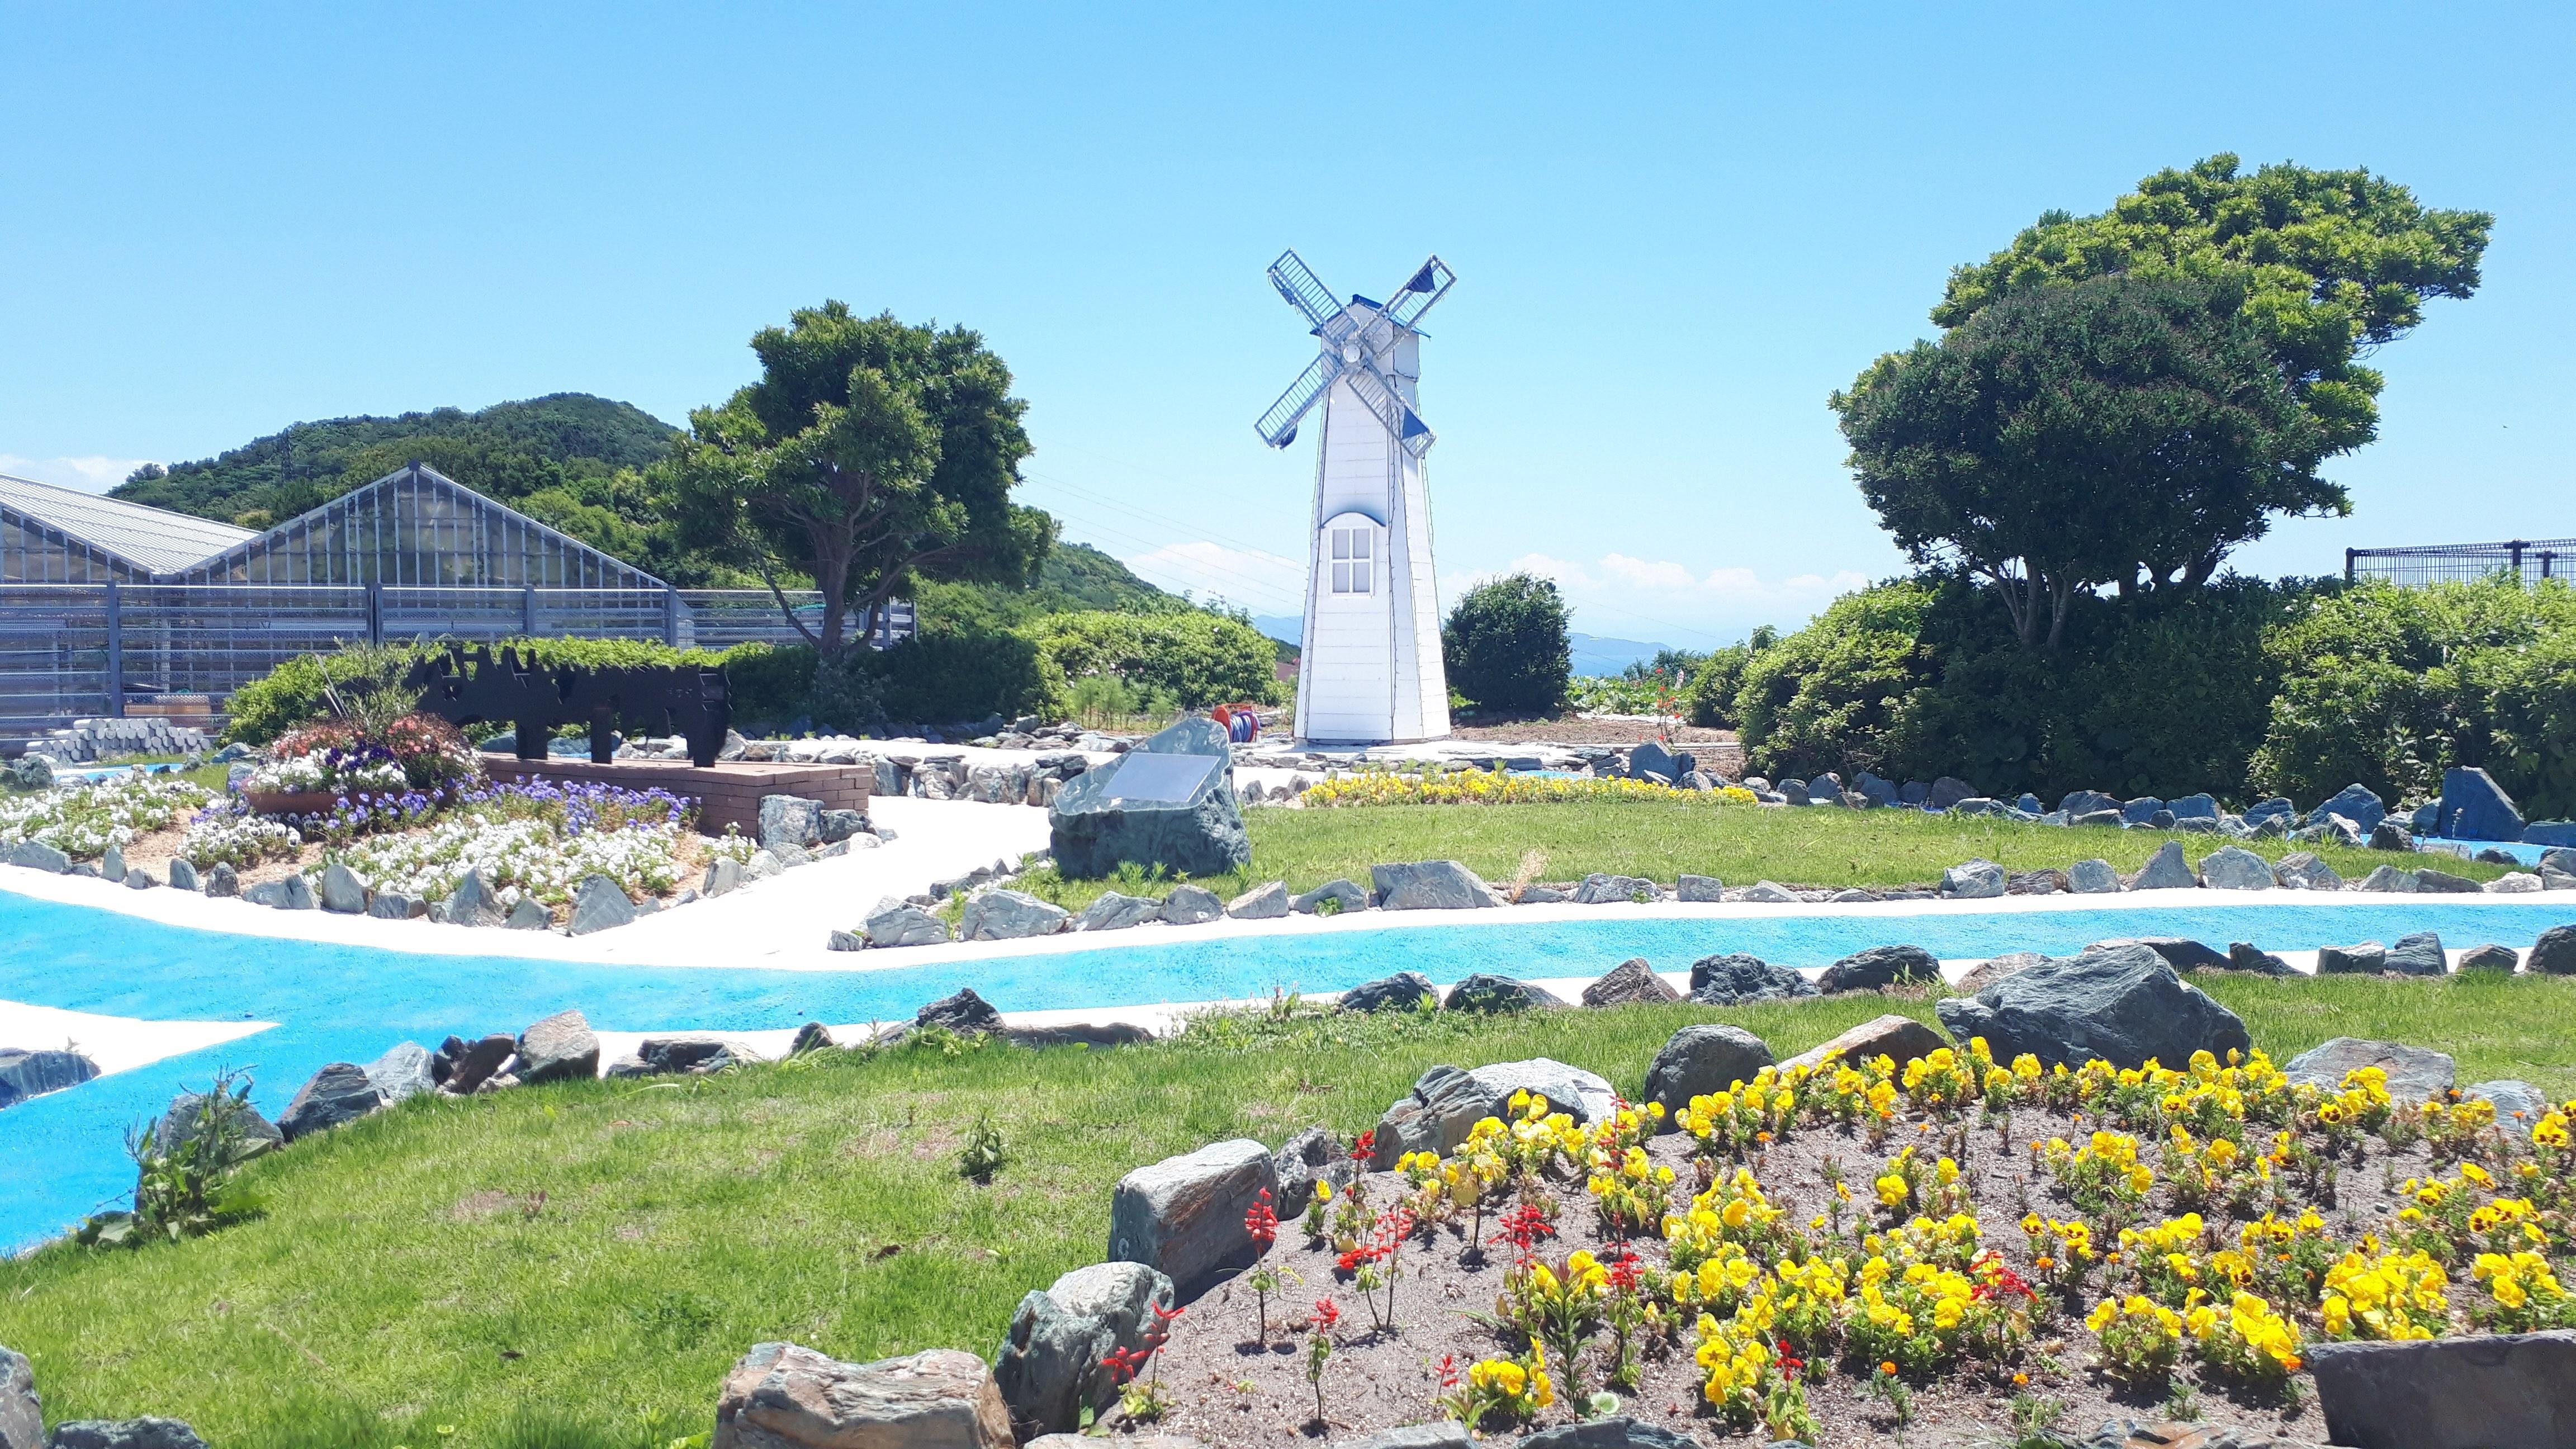 隠れハートを探せ!佐田岬半島にある道の駅「瀬戸農業公園」にできた「スマイルパーク」をご紹介します!